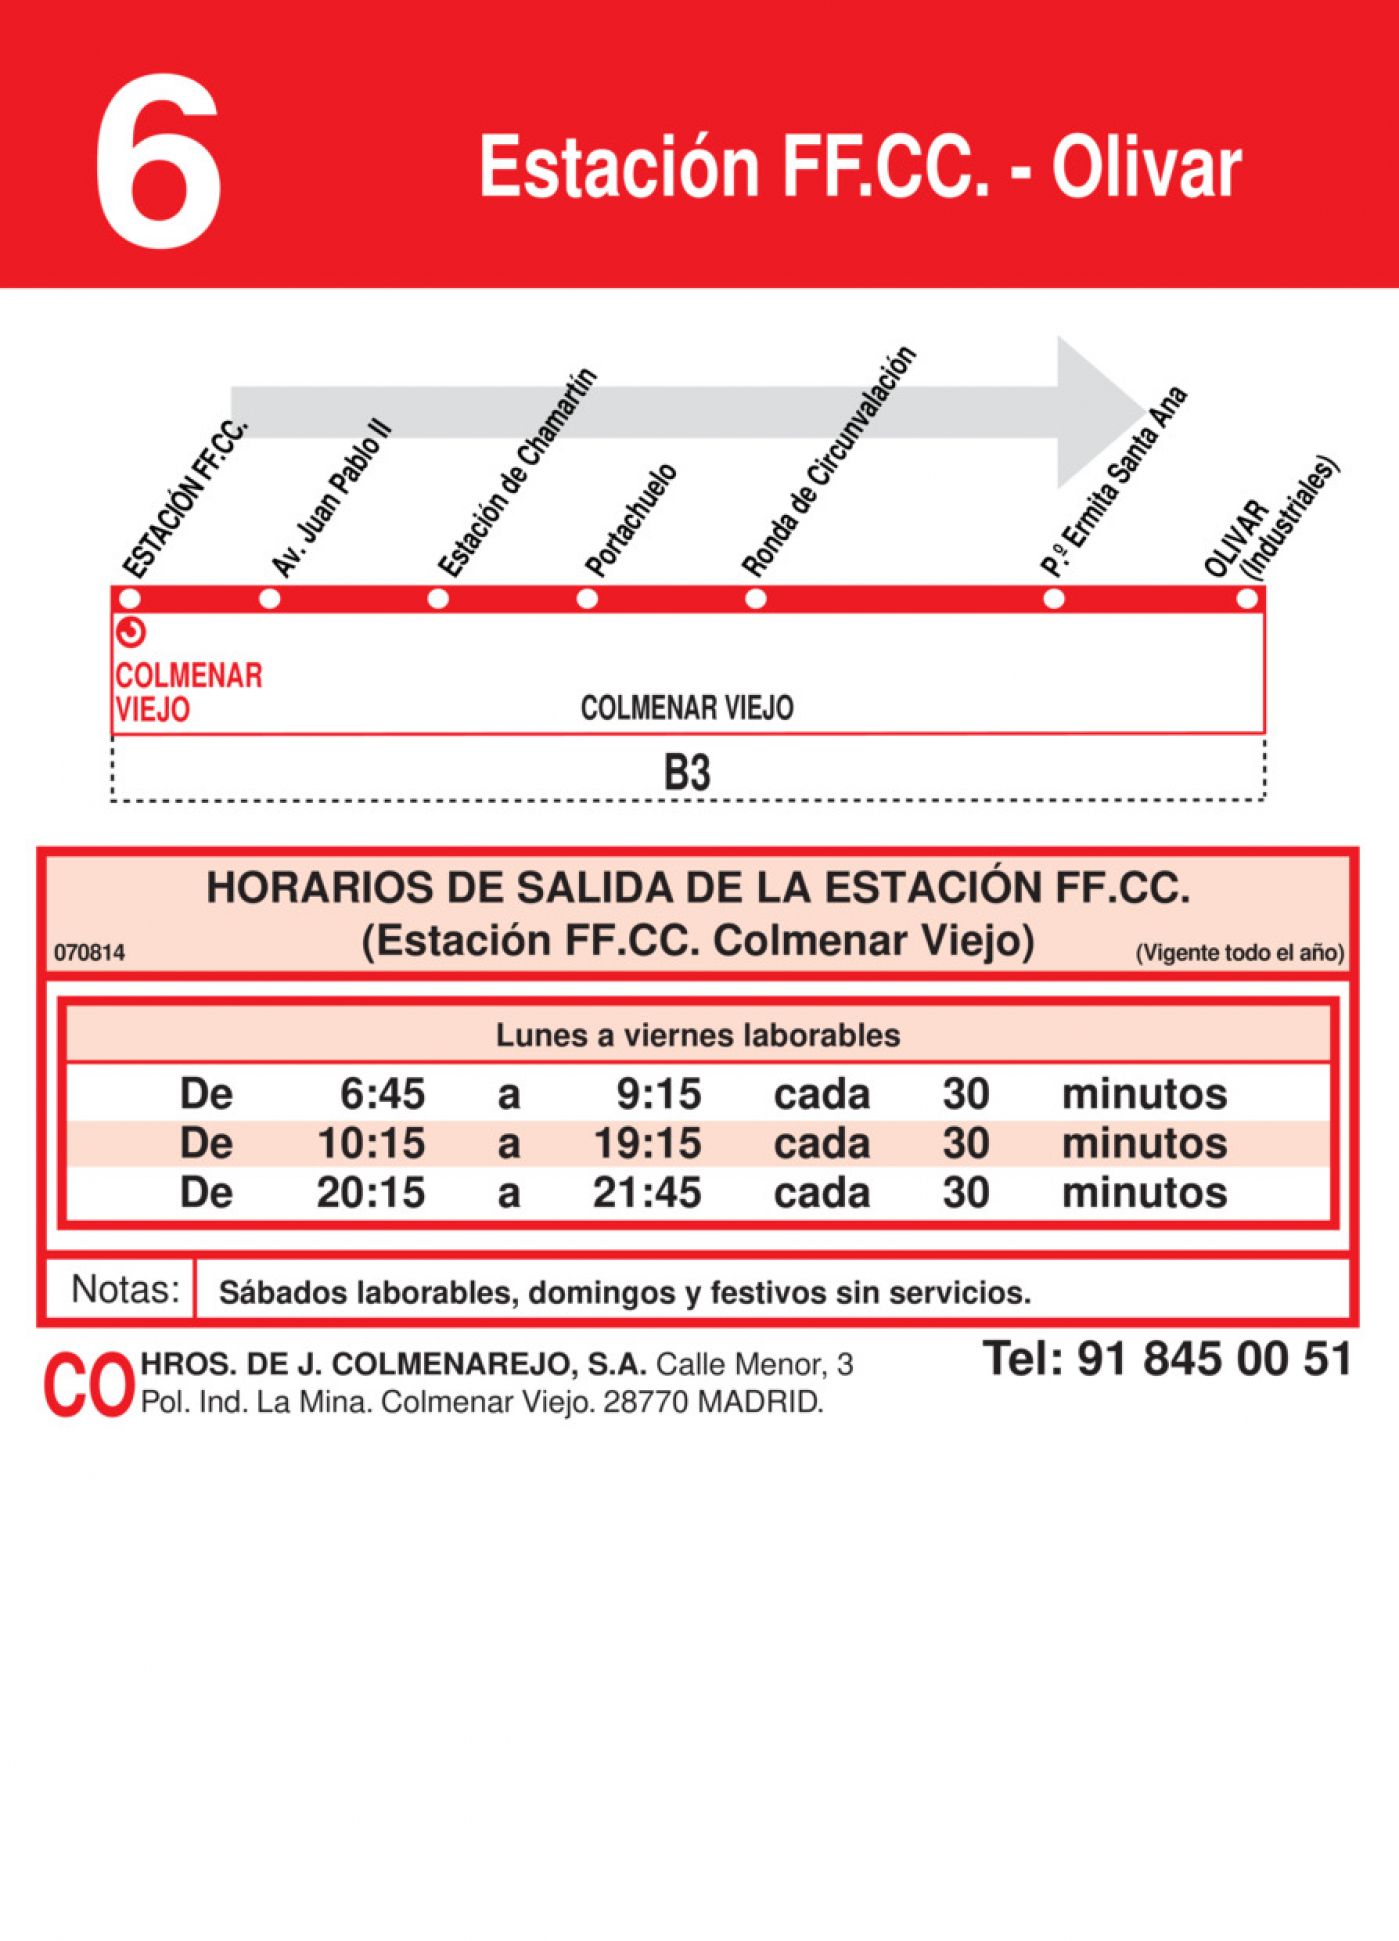 Tabla de horarios y frecuencias de paso en sentido ida Línea L-6 Colmenar Viejo: Estación Cercanías RENFE - Olivar